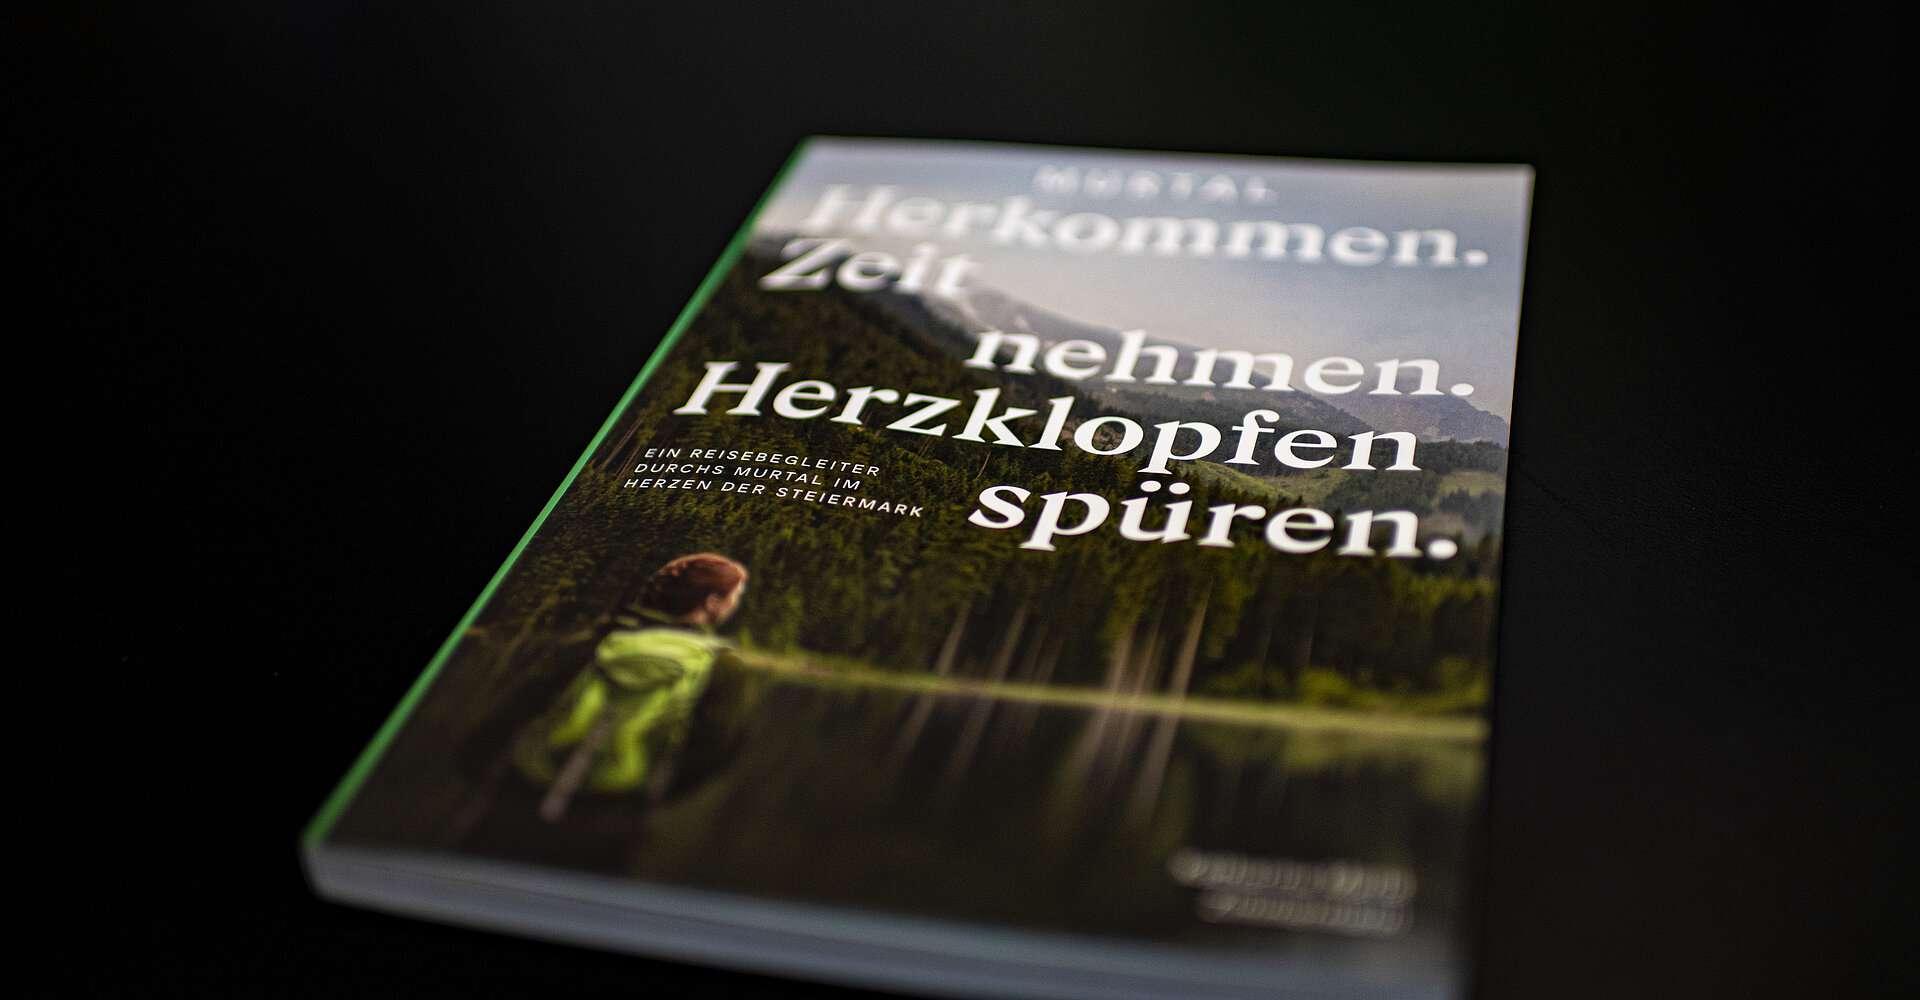 Ein Reisebegleiter durch Murtal im Herzen der Steiermark.  - Das Reisebuch durchs Murtal!